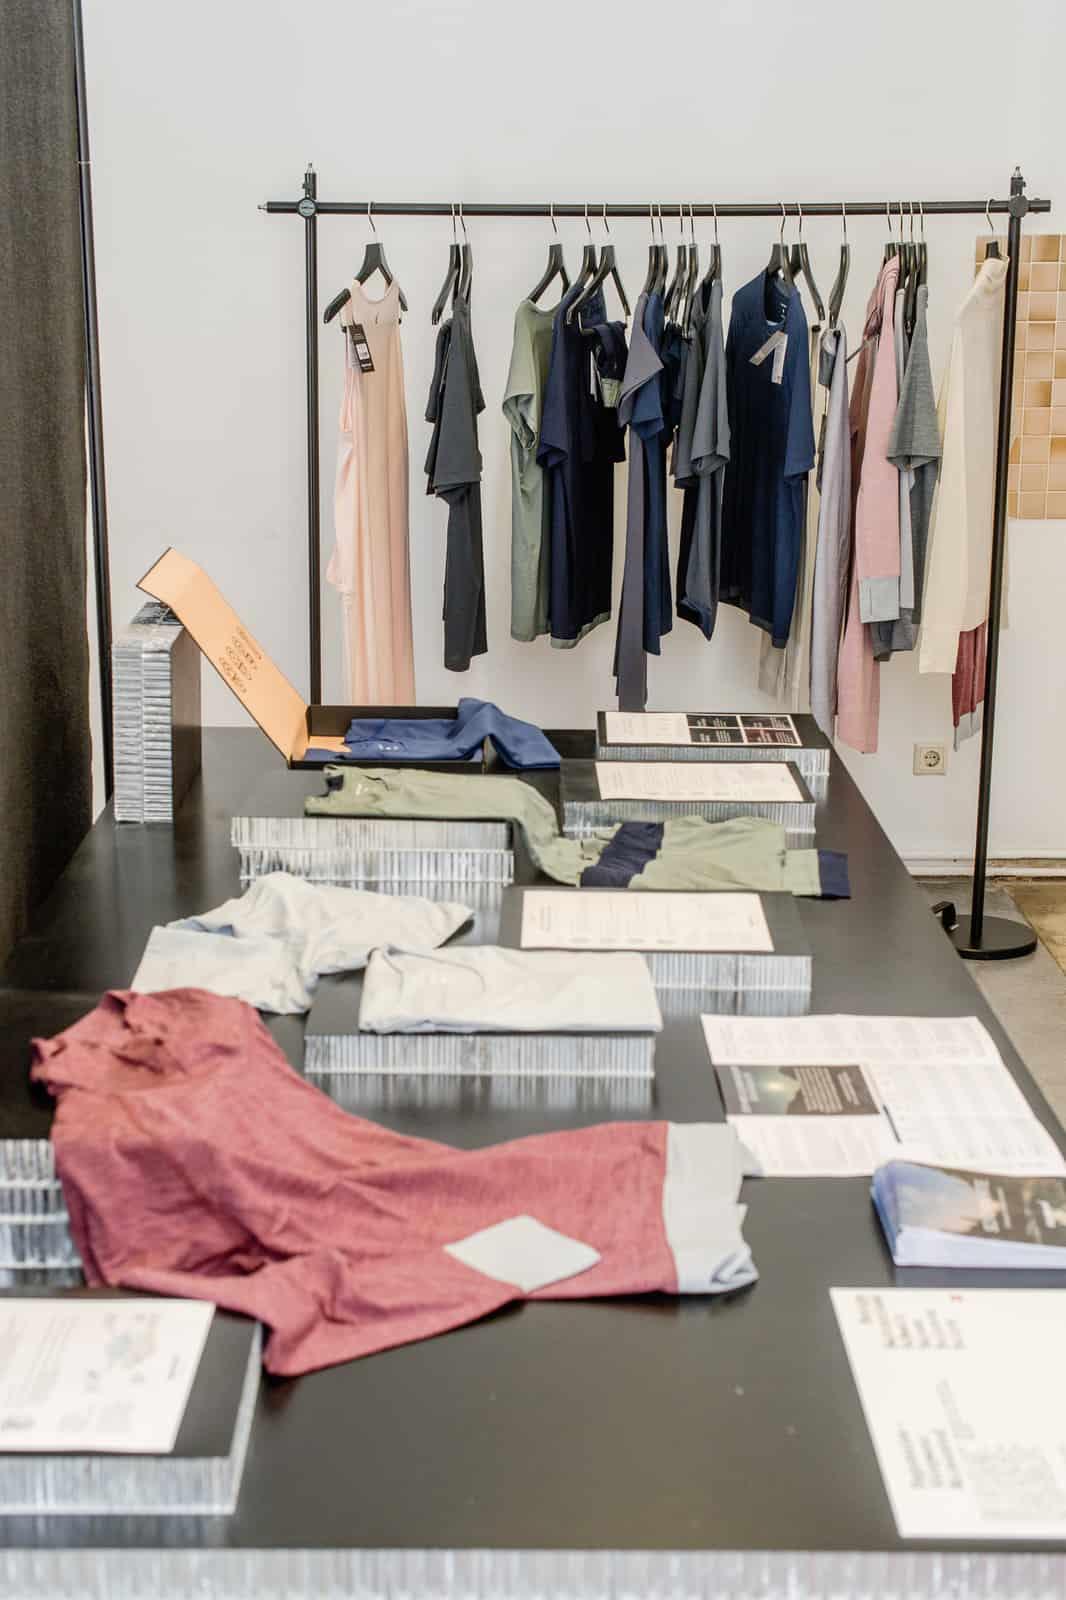 Dagsmejan - Sleepwear Reinvented (Copyright VIENNA DESIGN WEEK - Kramar - Kollektiv Fischka, Vienna Design Week)